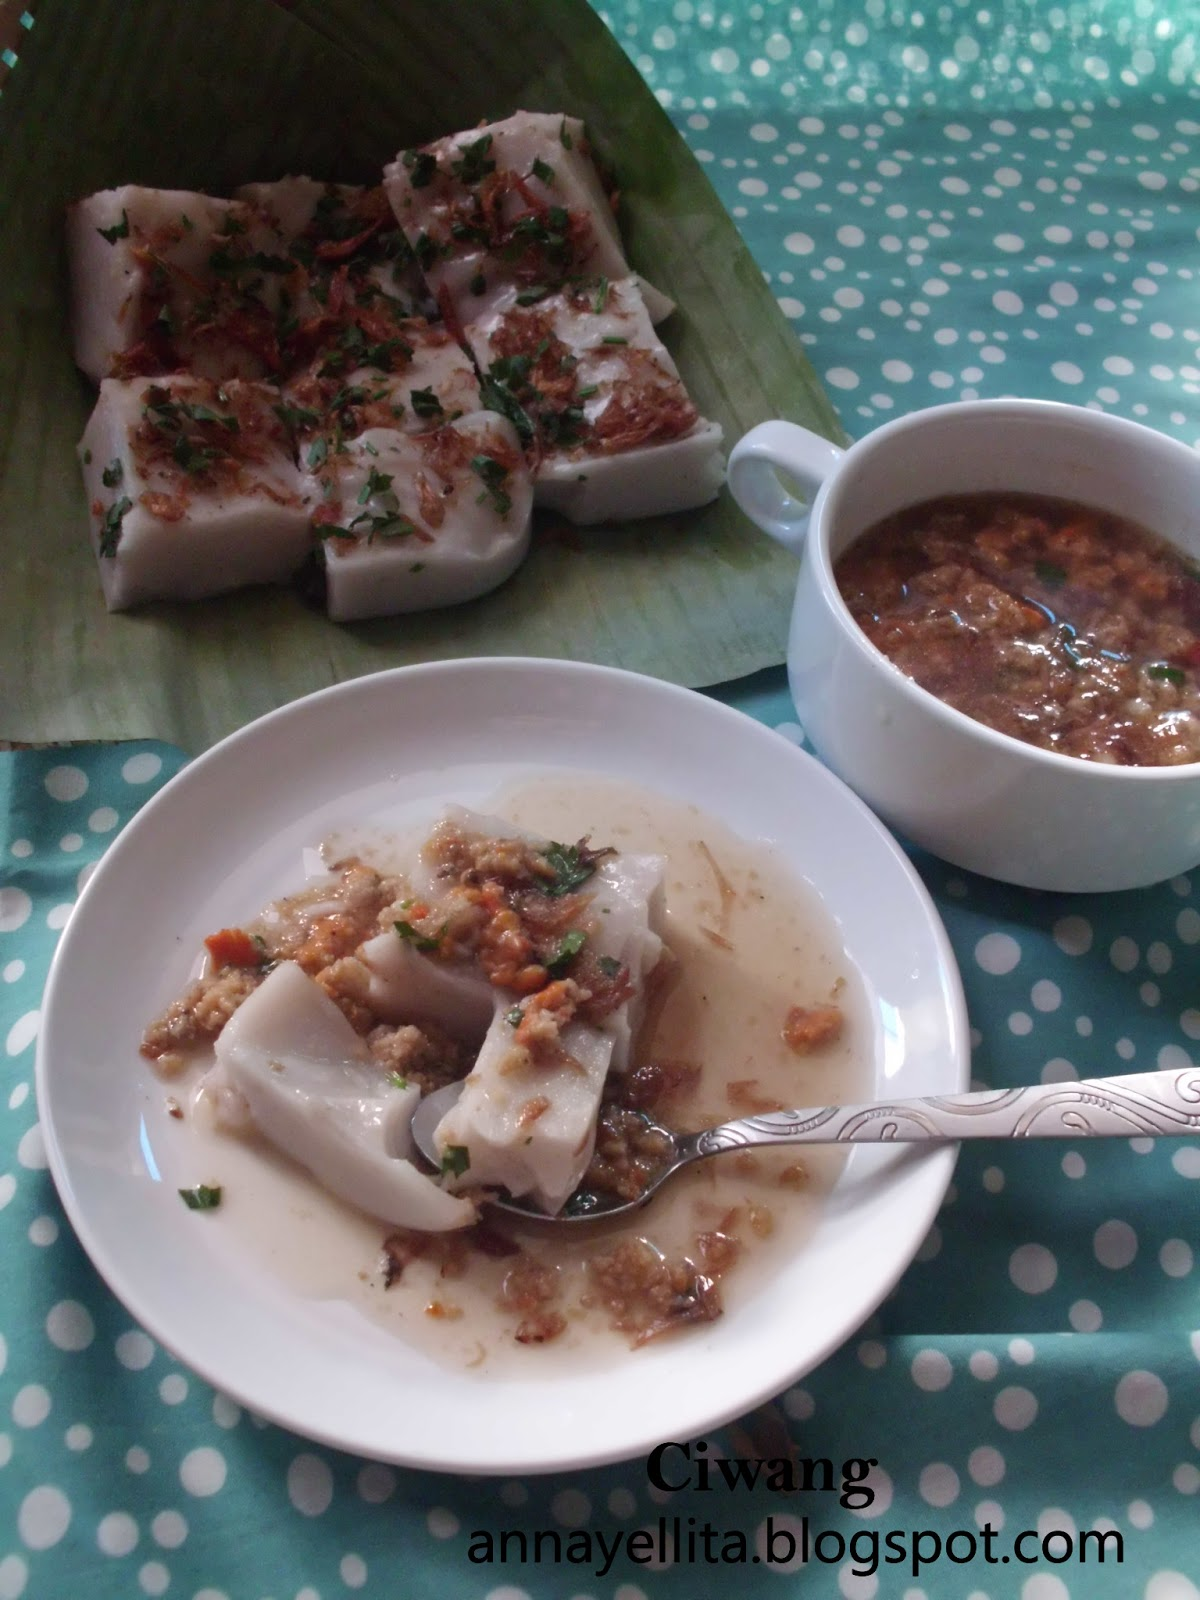 Resep Dan Cara Membuat Ciwang Sukabumi Resep Masakan